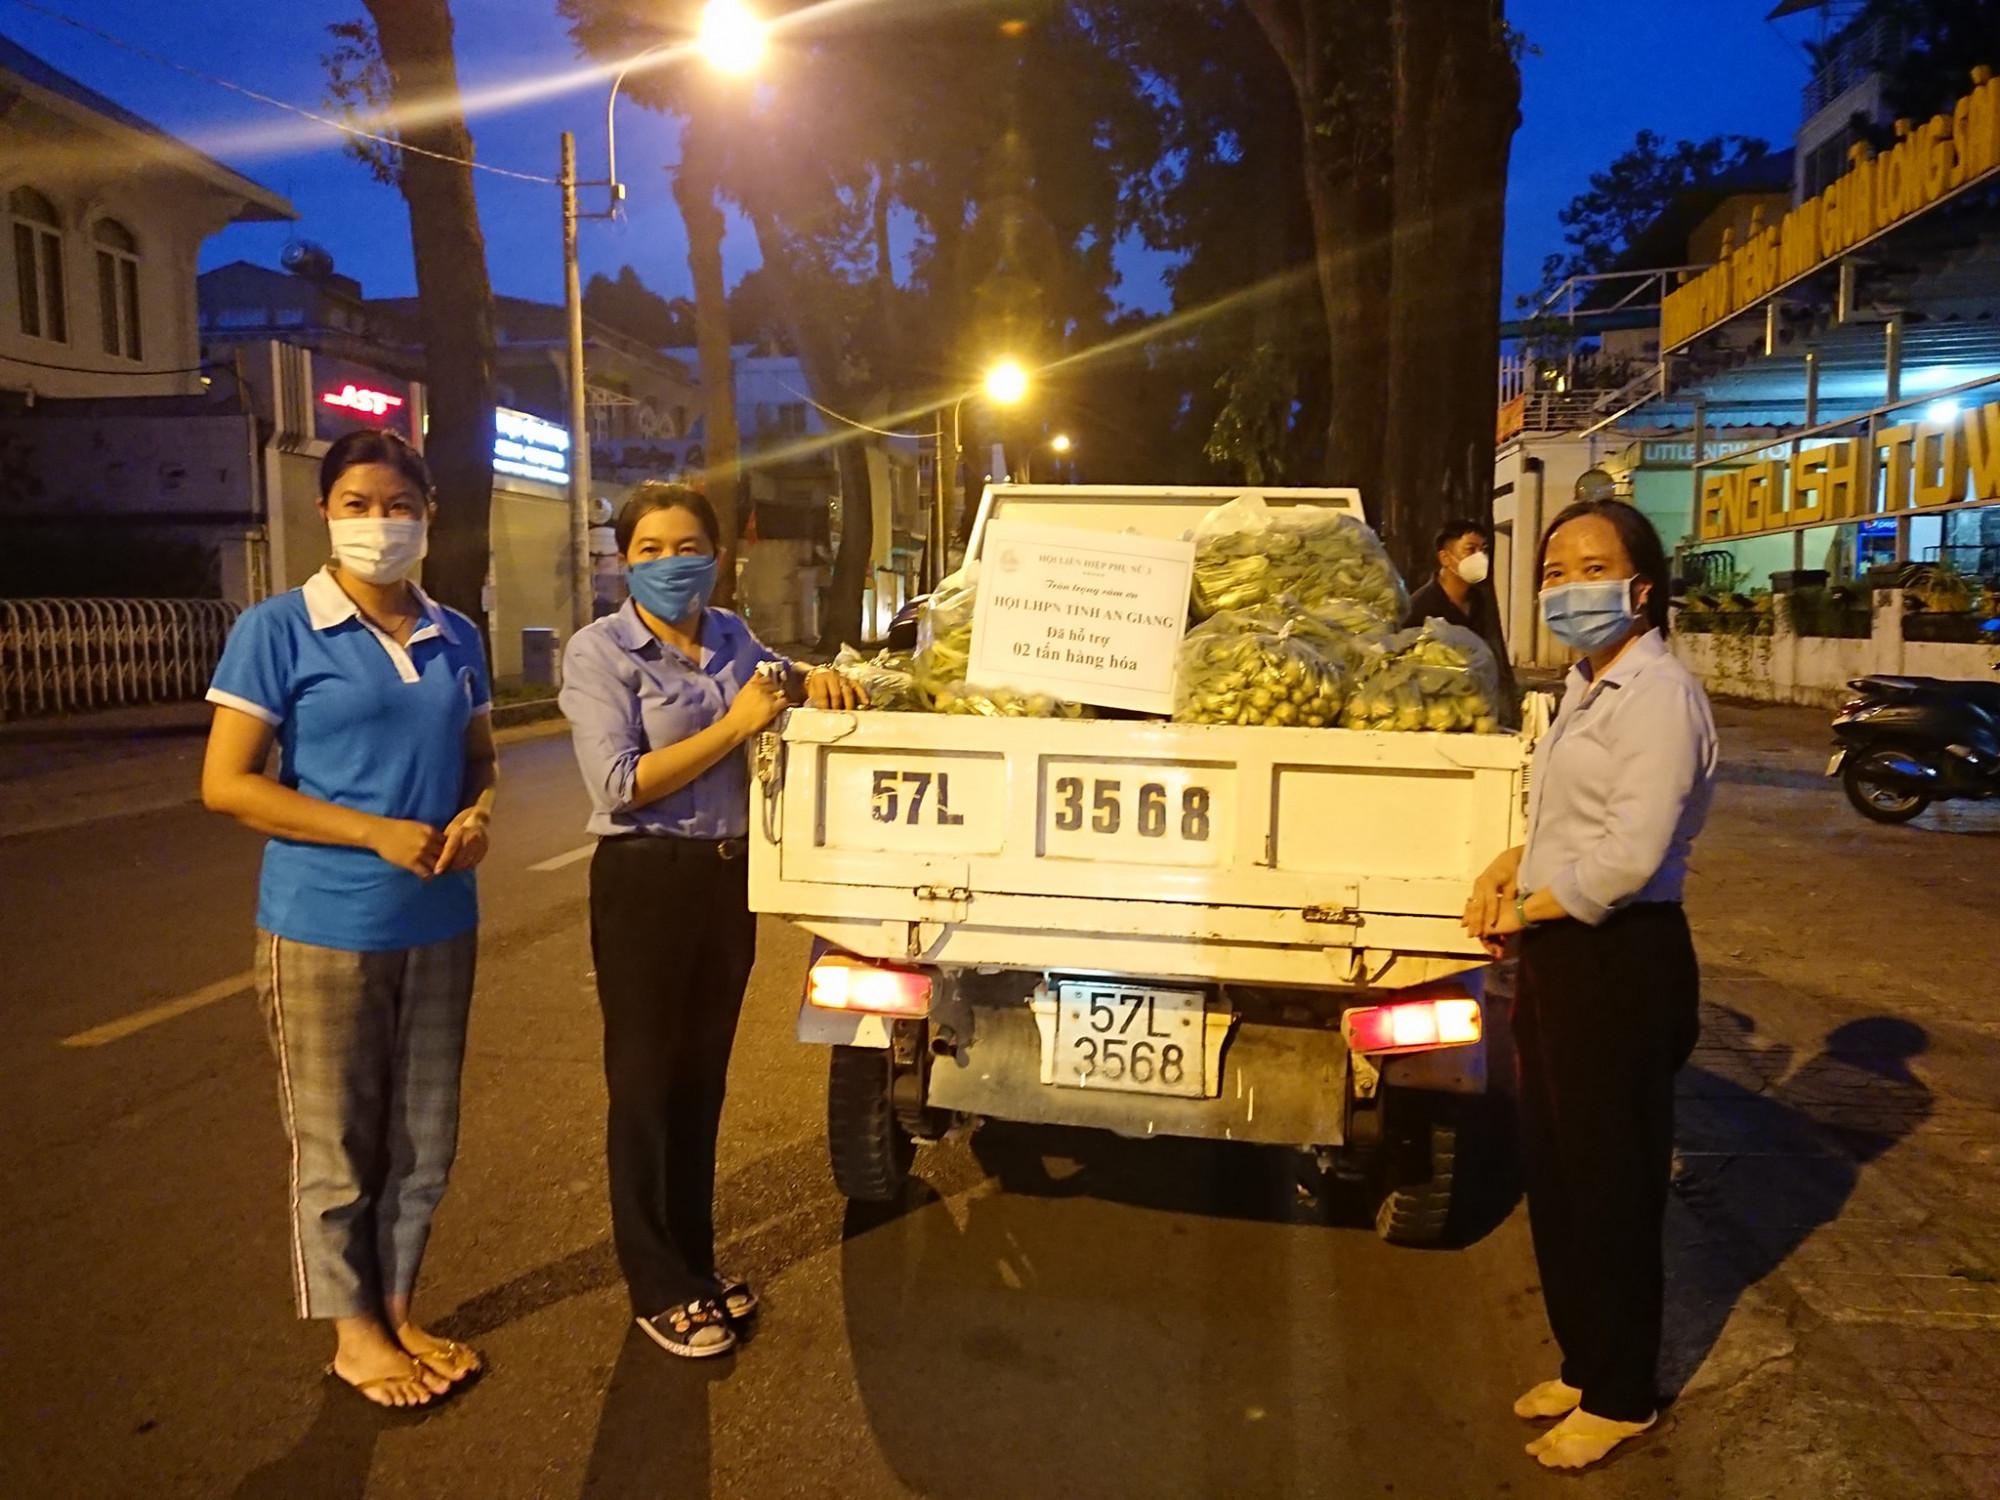 Chuyến xe yêu thương của Hội LHPN tỉnh An Giang đến với Hội LHPN TP trong đêm